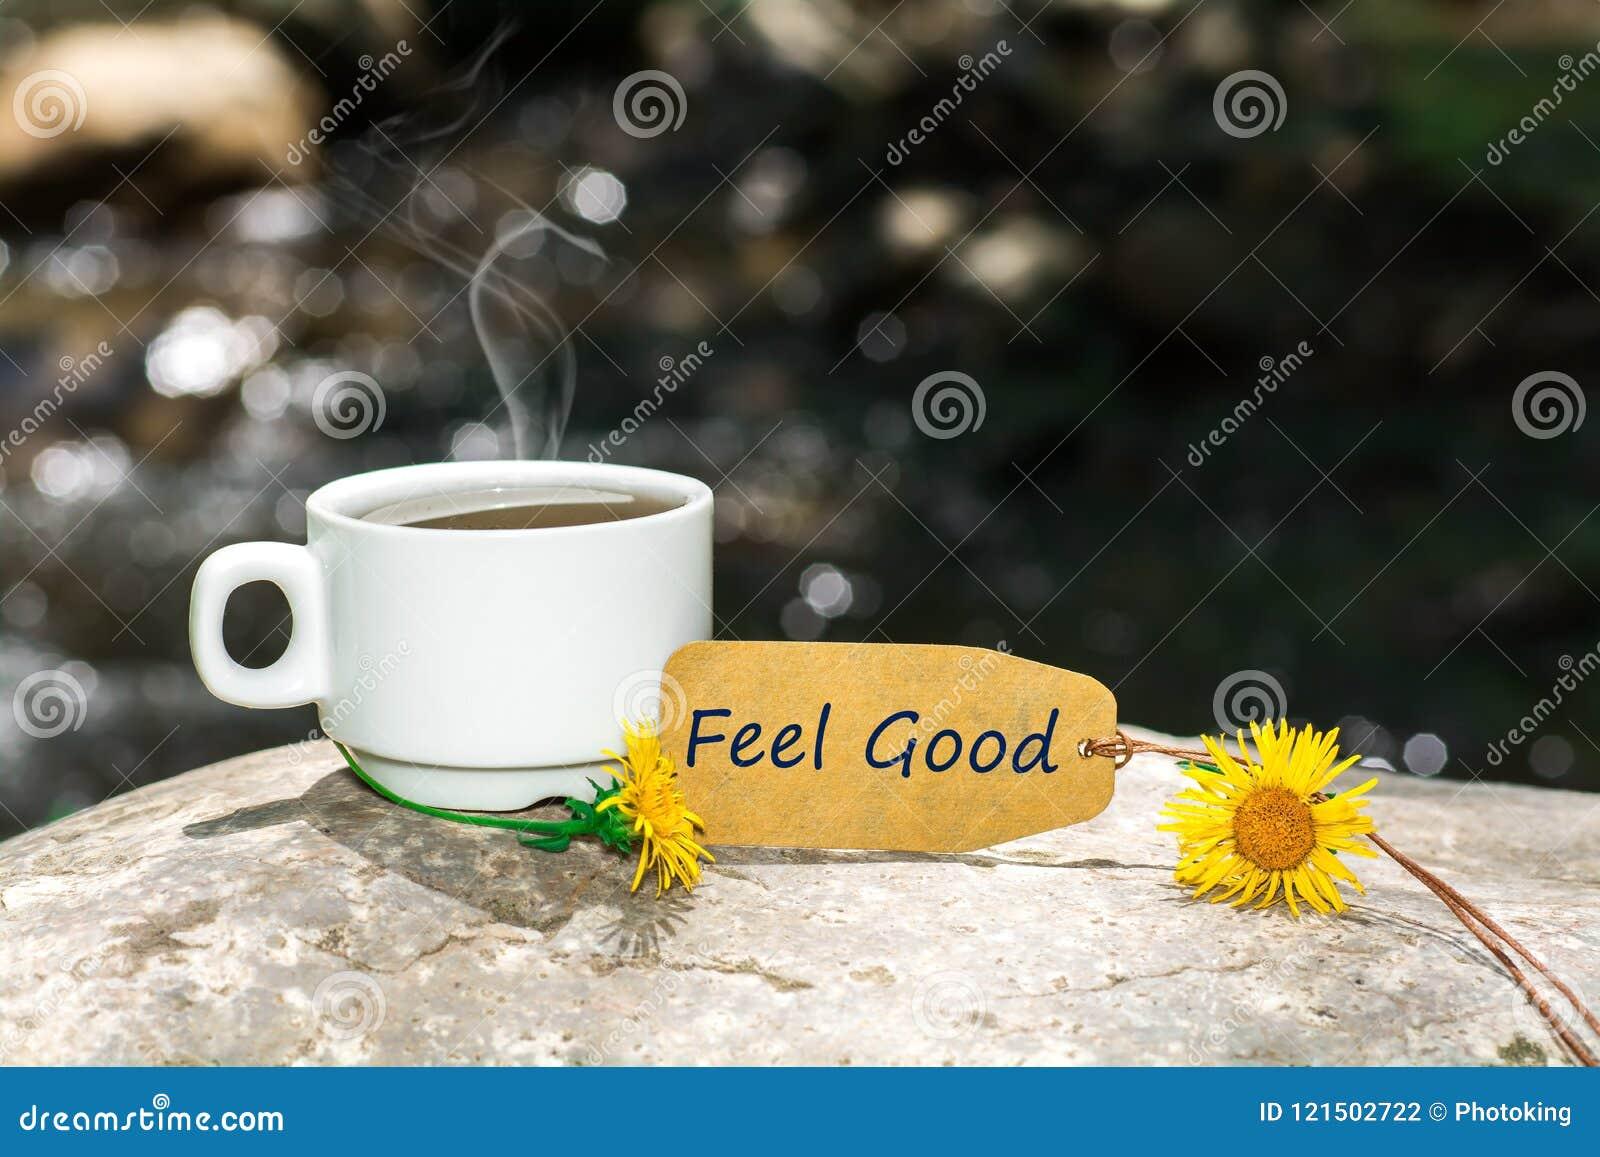 Voel goede teksten met koffiekop